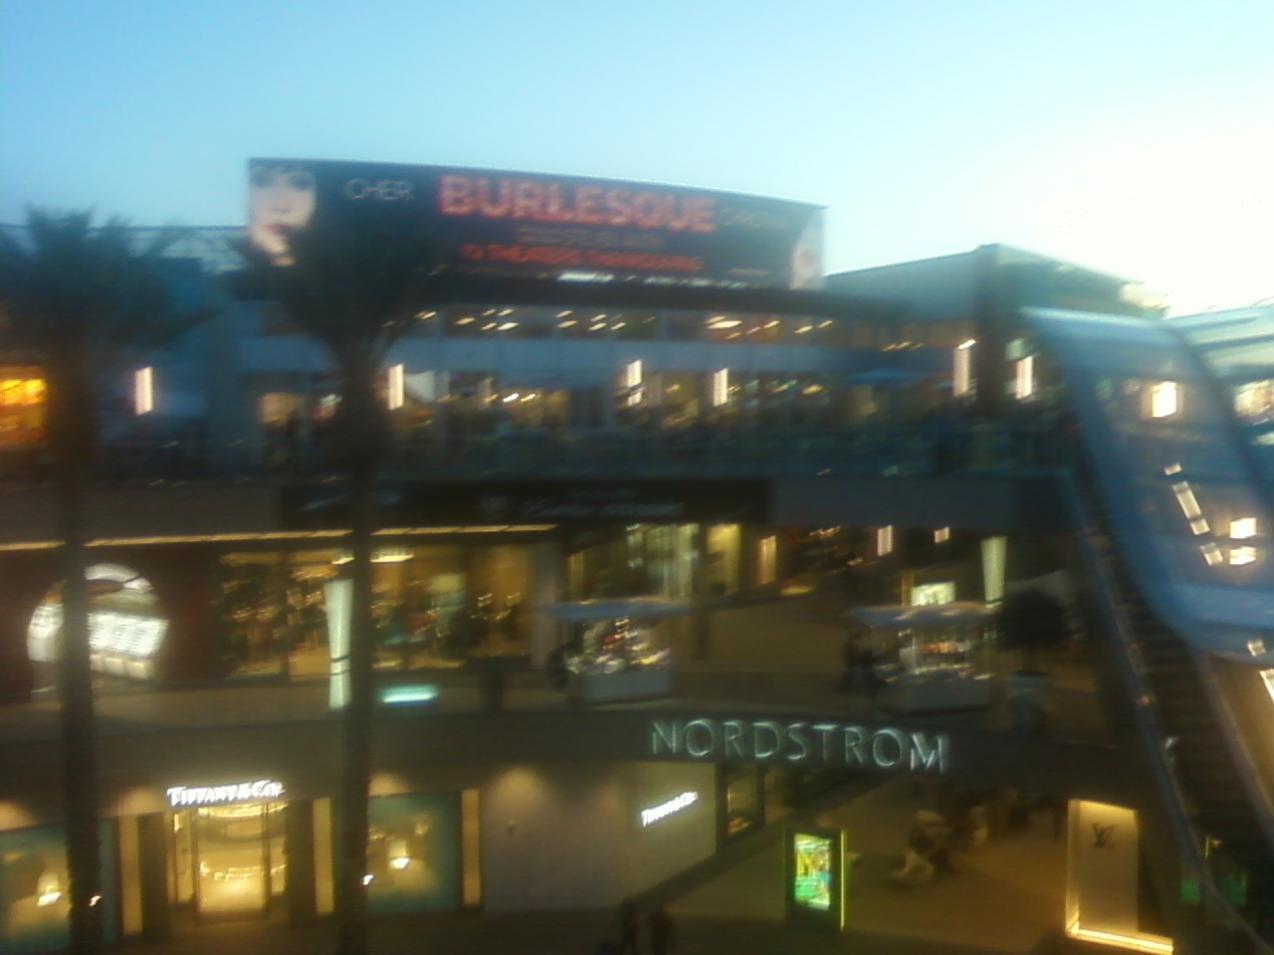 [Fotos] Comienza la Promo 'Burlesque' en las Salas de Cine (Reunamos Fotos) - Página 2 Santamo4